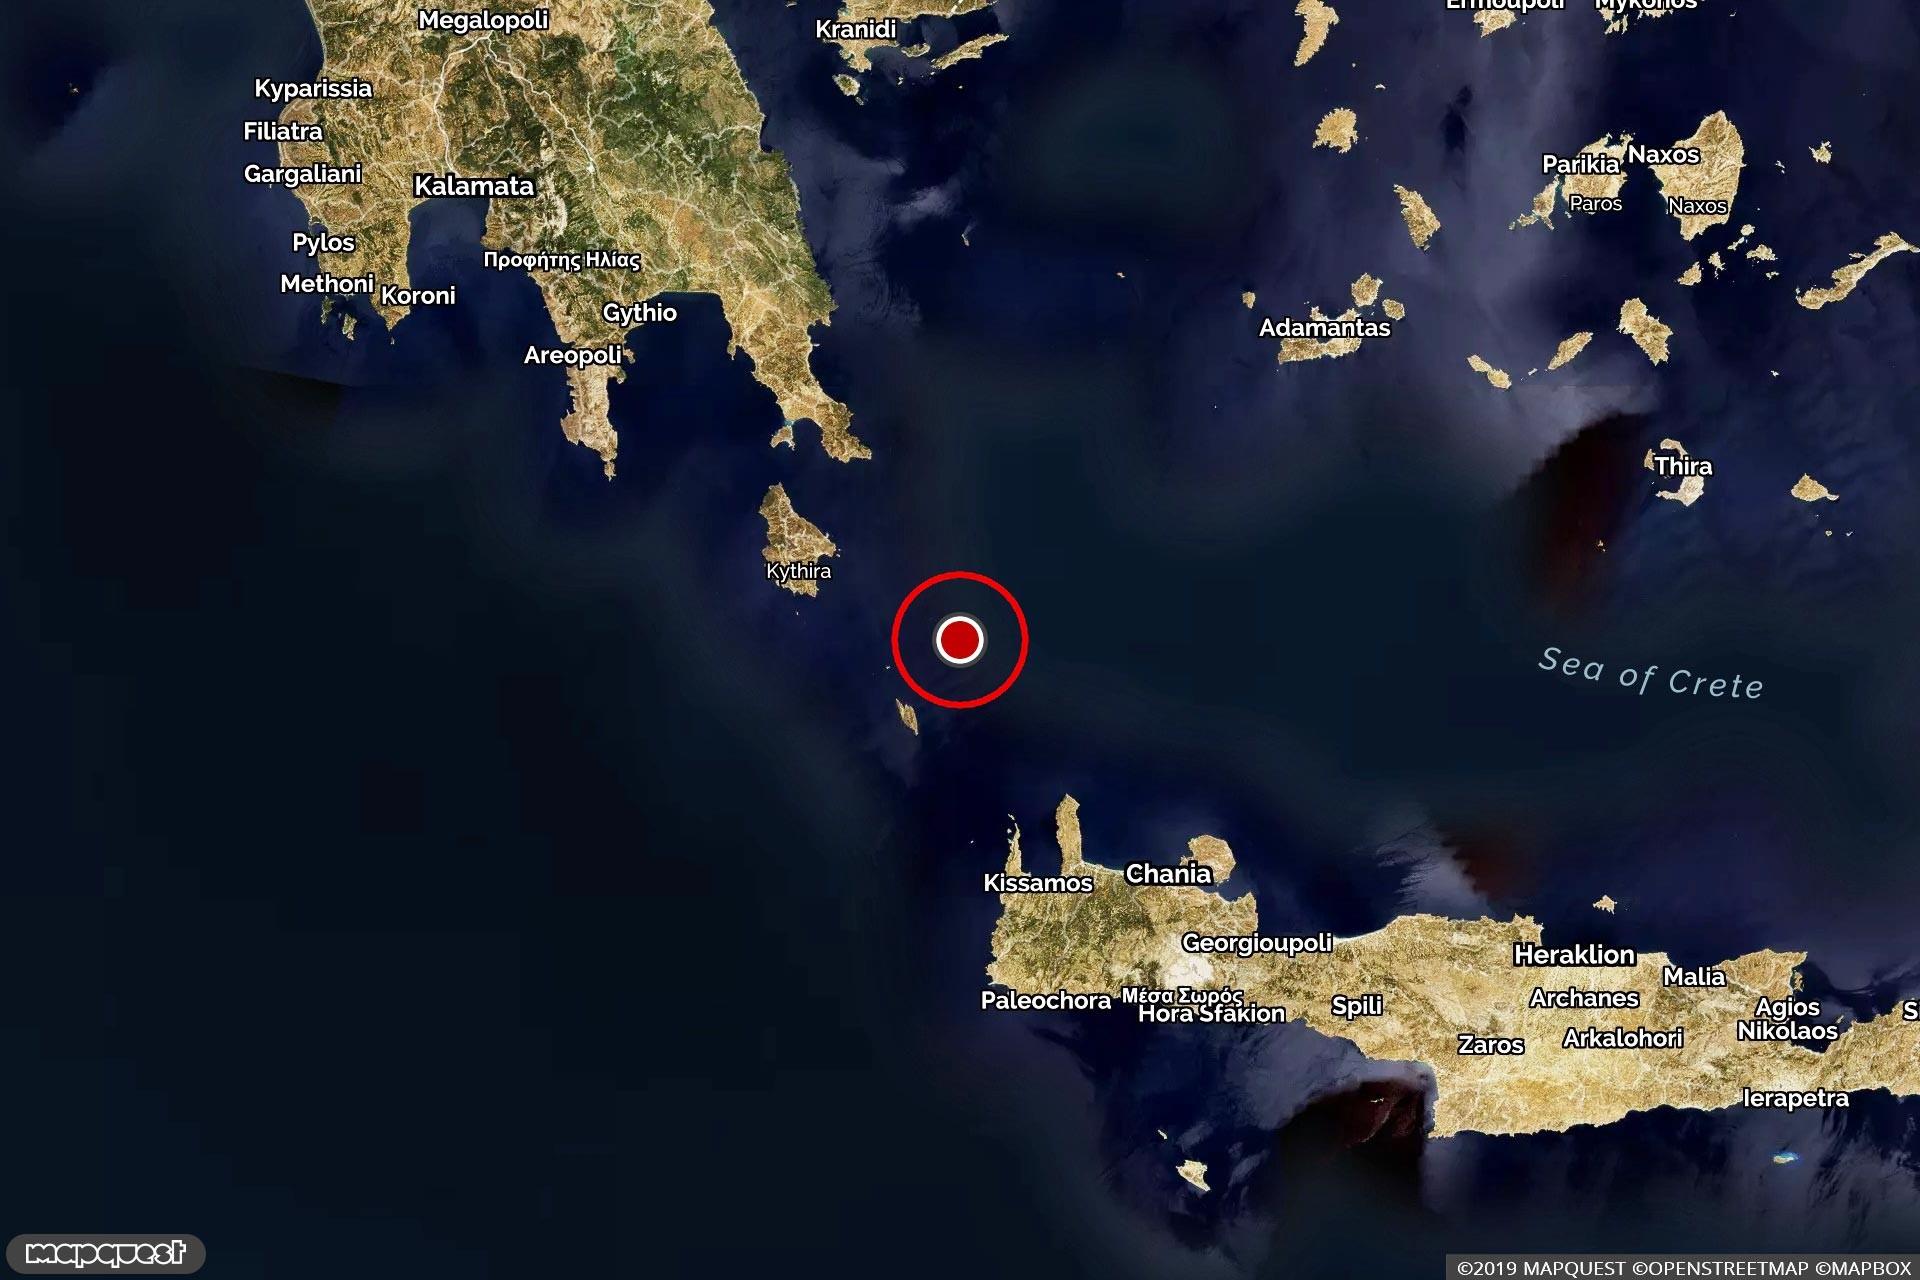 Girit açıklarında meydana gelen depremin merkezini ve çevresini gösteren harita